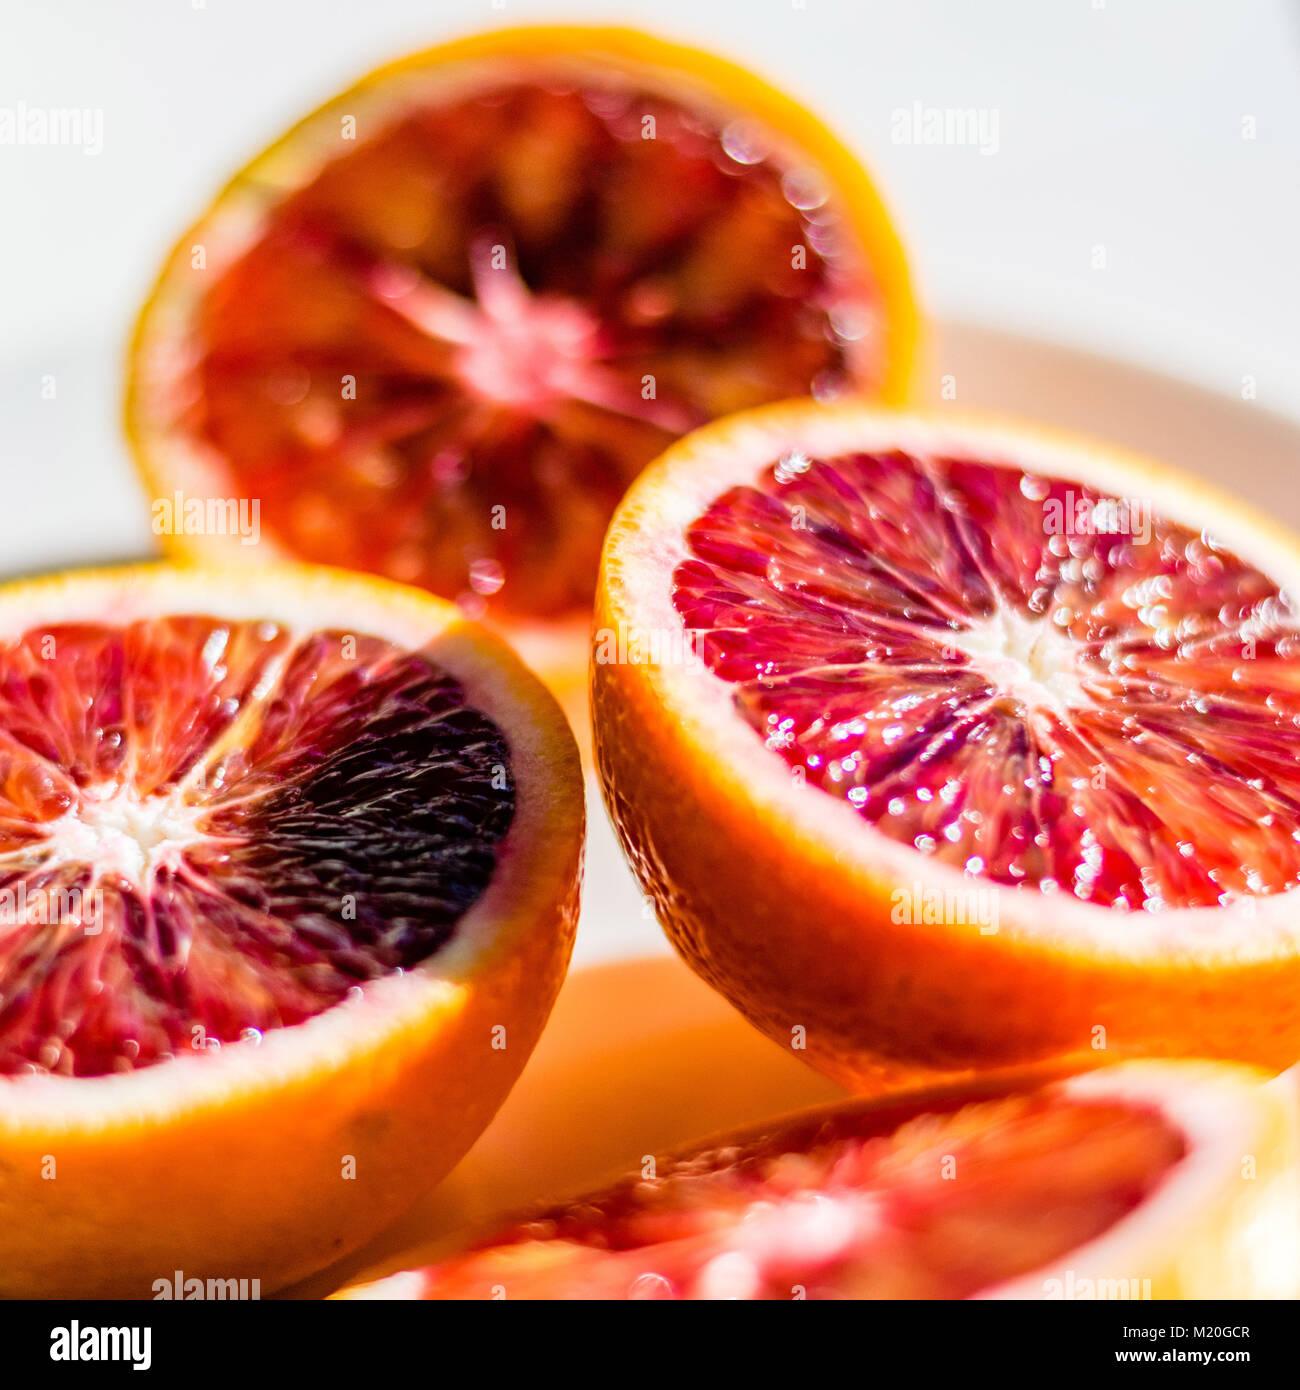 Rotes Blut orange Hälften, Makro essen Foto, selektive konzentrieren. Frischen Zitrusfrüchten details, Stockbild